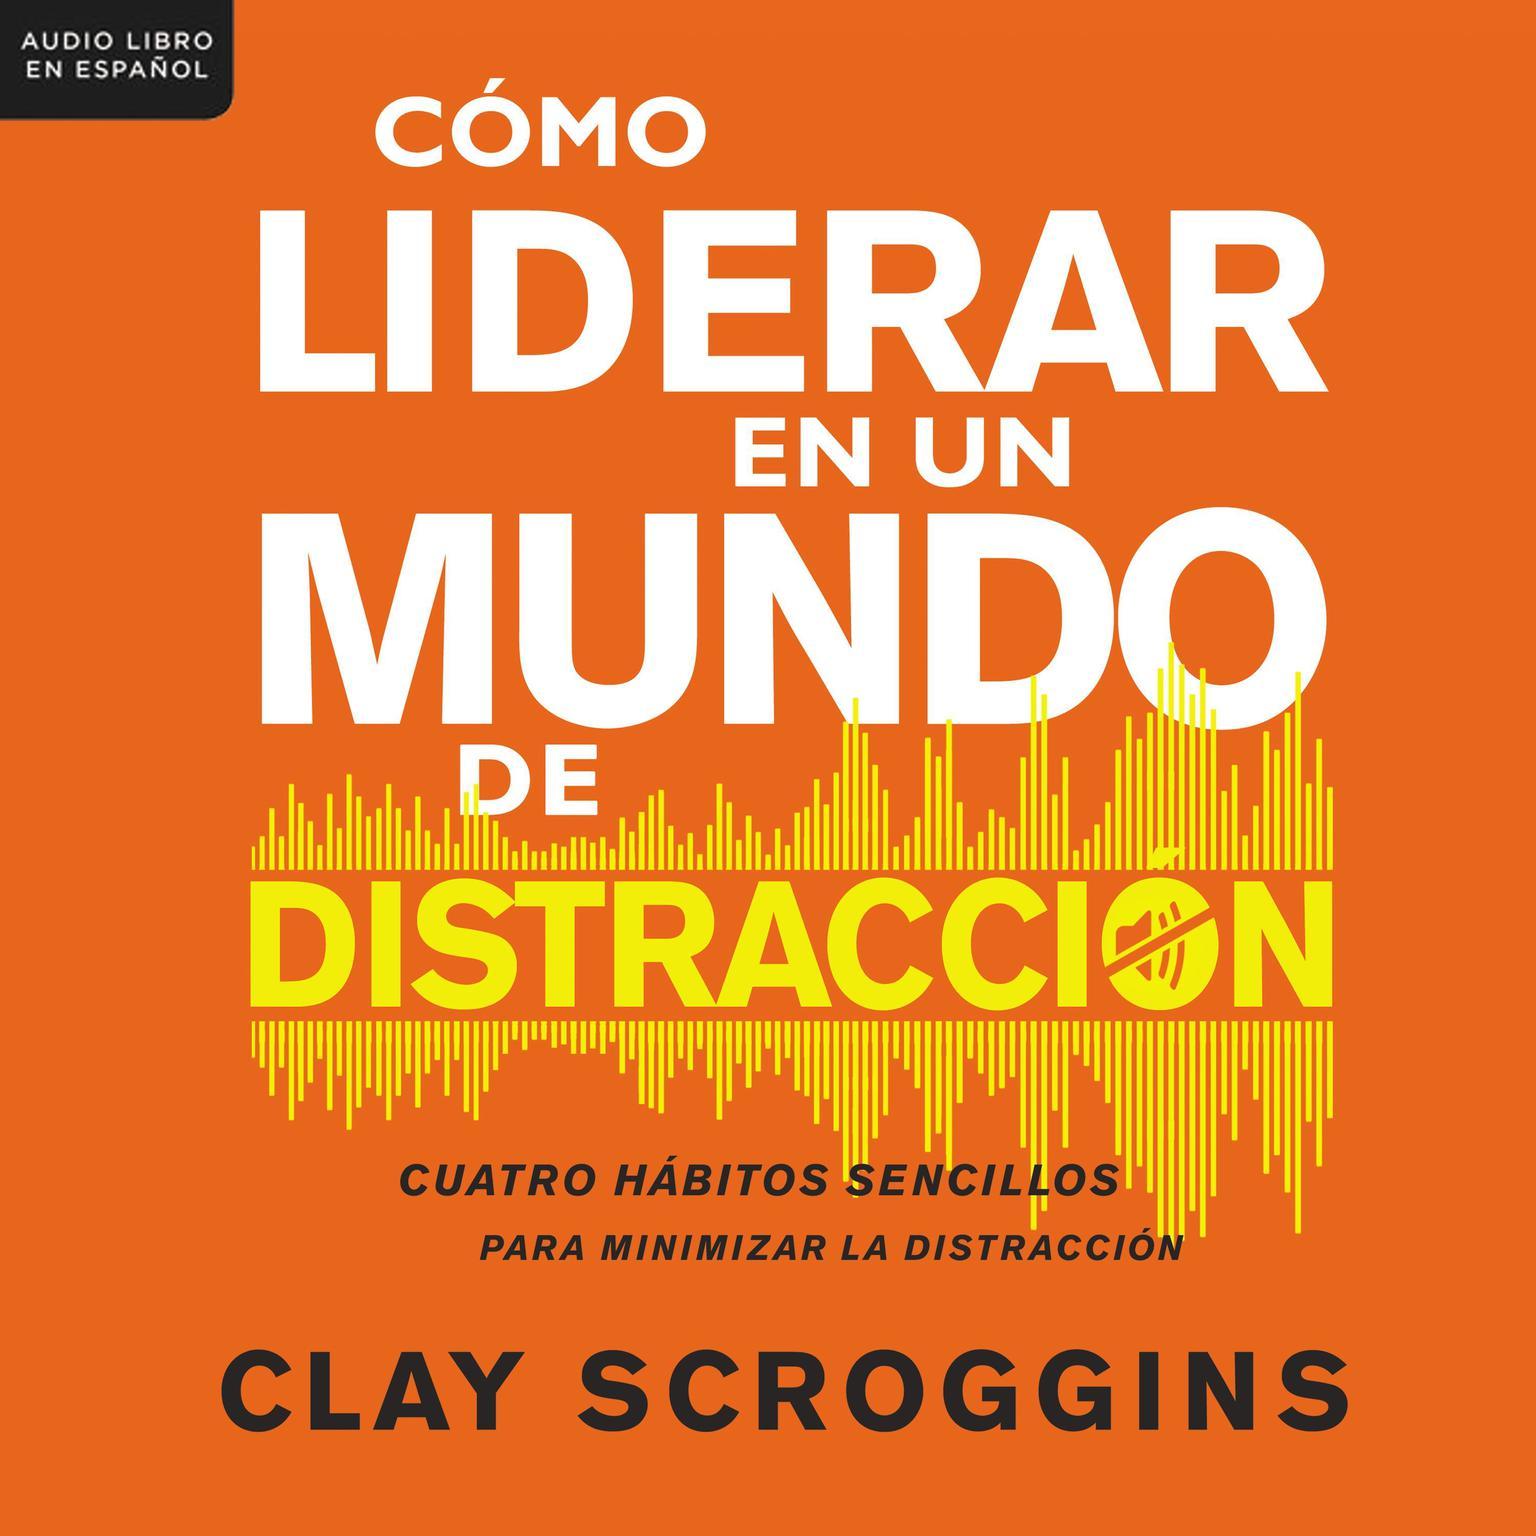 Cómo liderar en un mundo de distracción: Cuatro hábitos sencillos para disminuir el ruido Audiobook, by Clay Scroggins